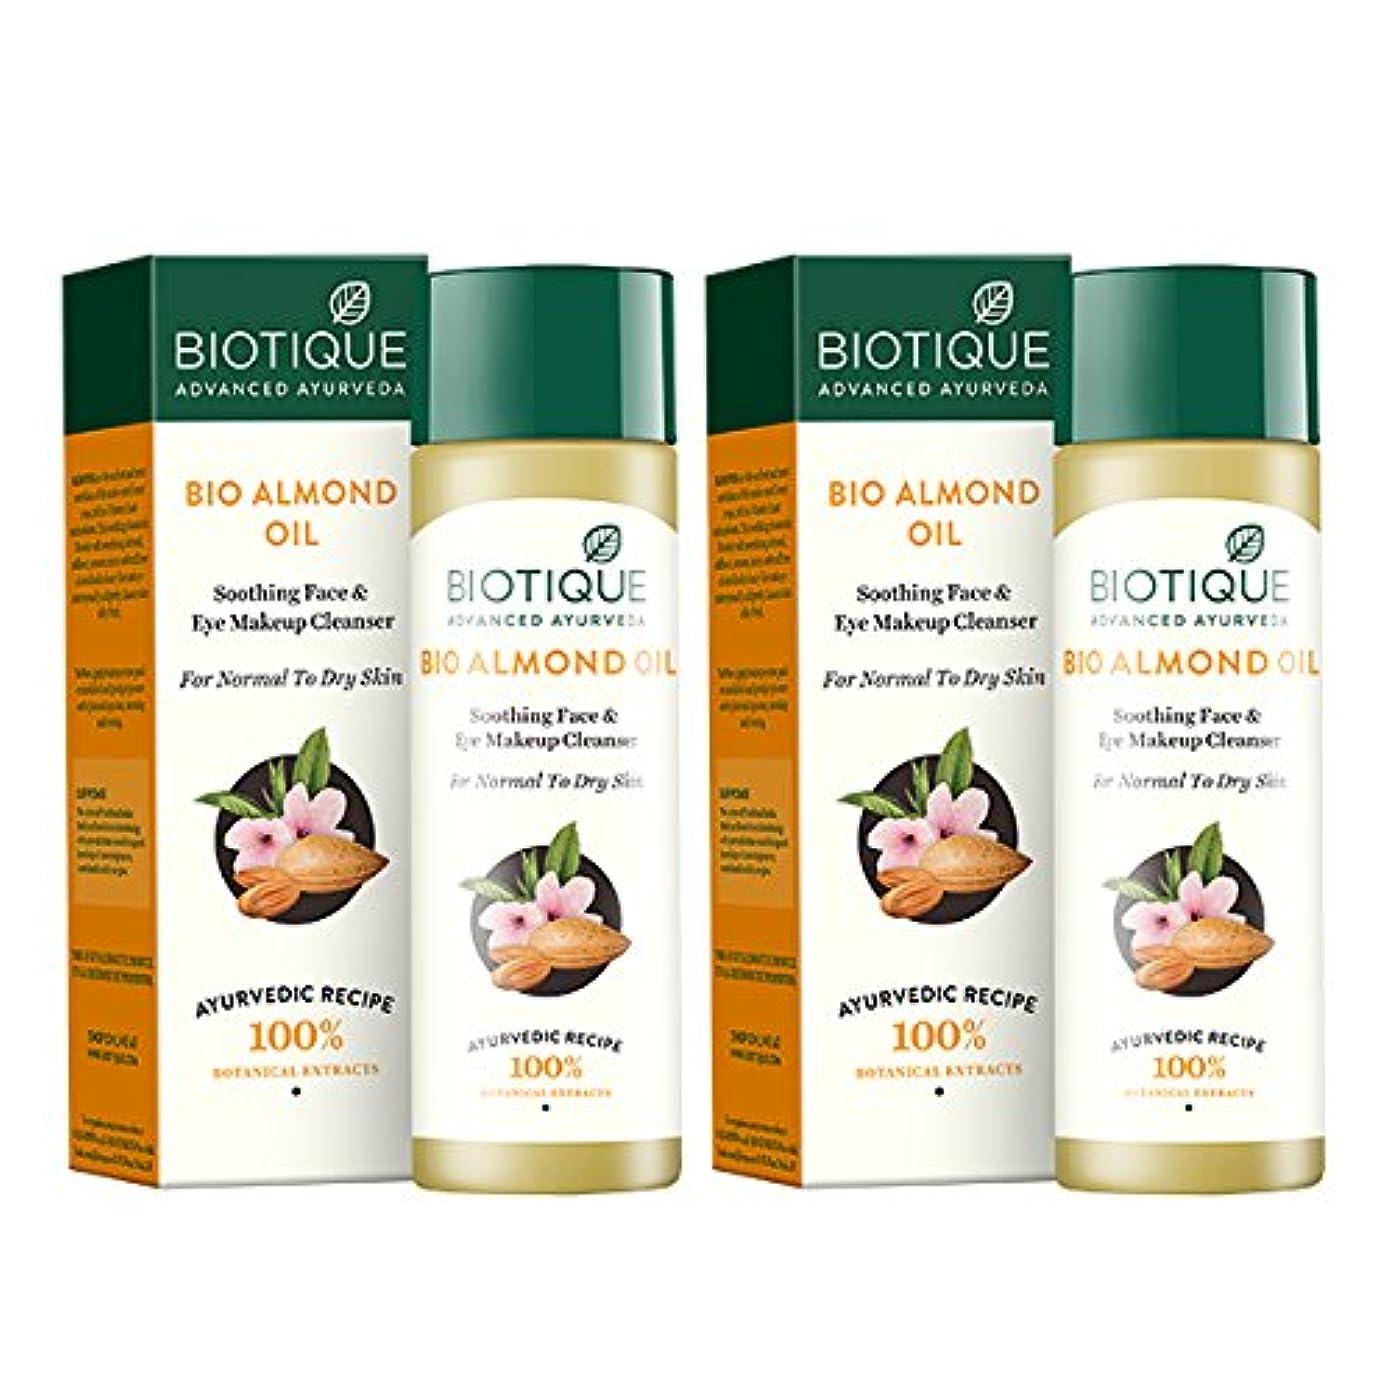 レンダー細胞サバントBiotique Bio Almond Oil Soothing Face and Eye Makeup Cleanser for Normal To Dry Skin, 120ml (Pack of 2)